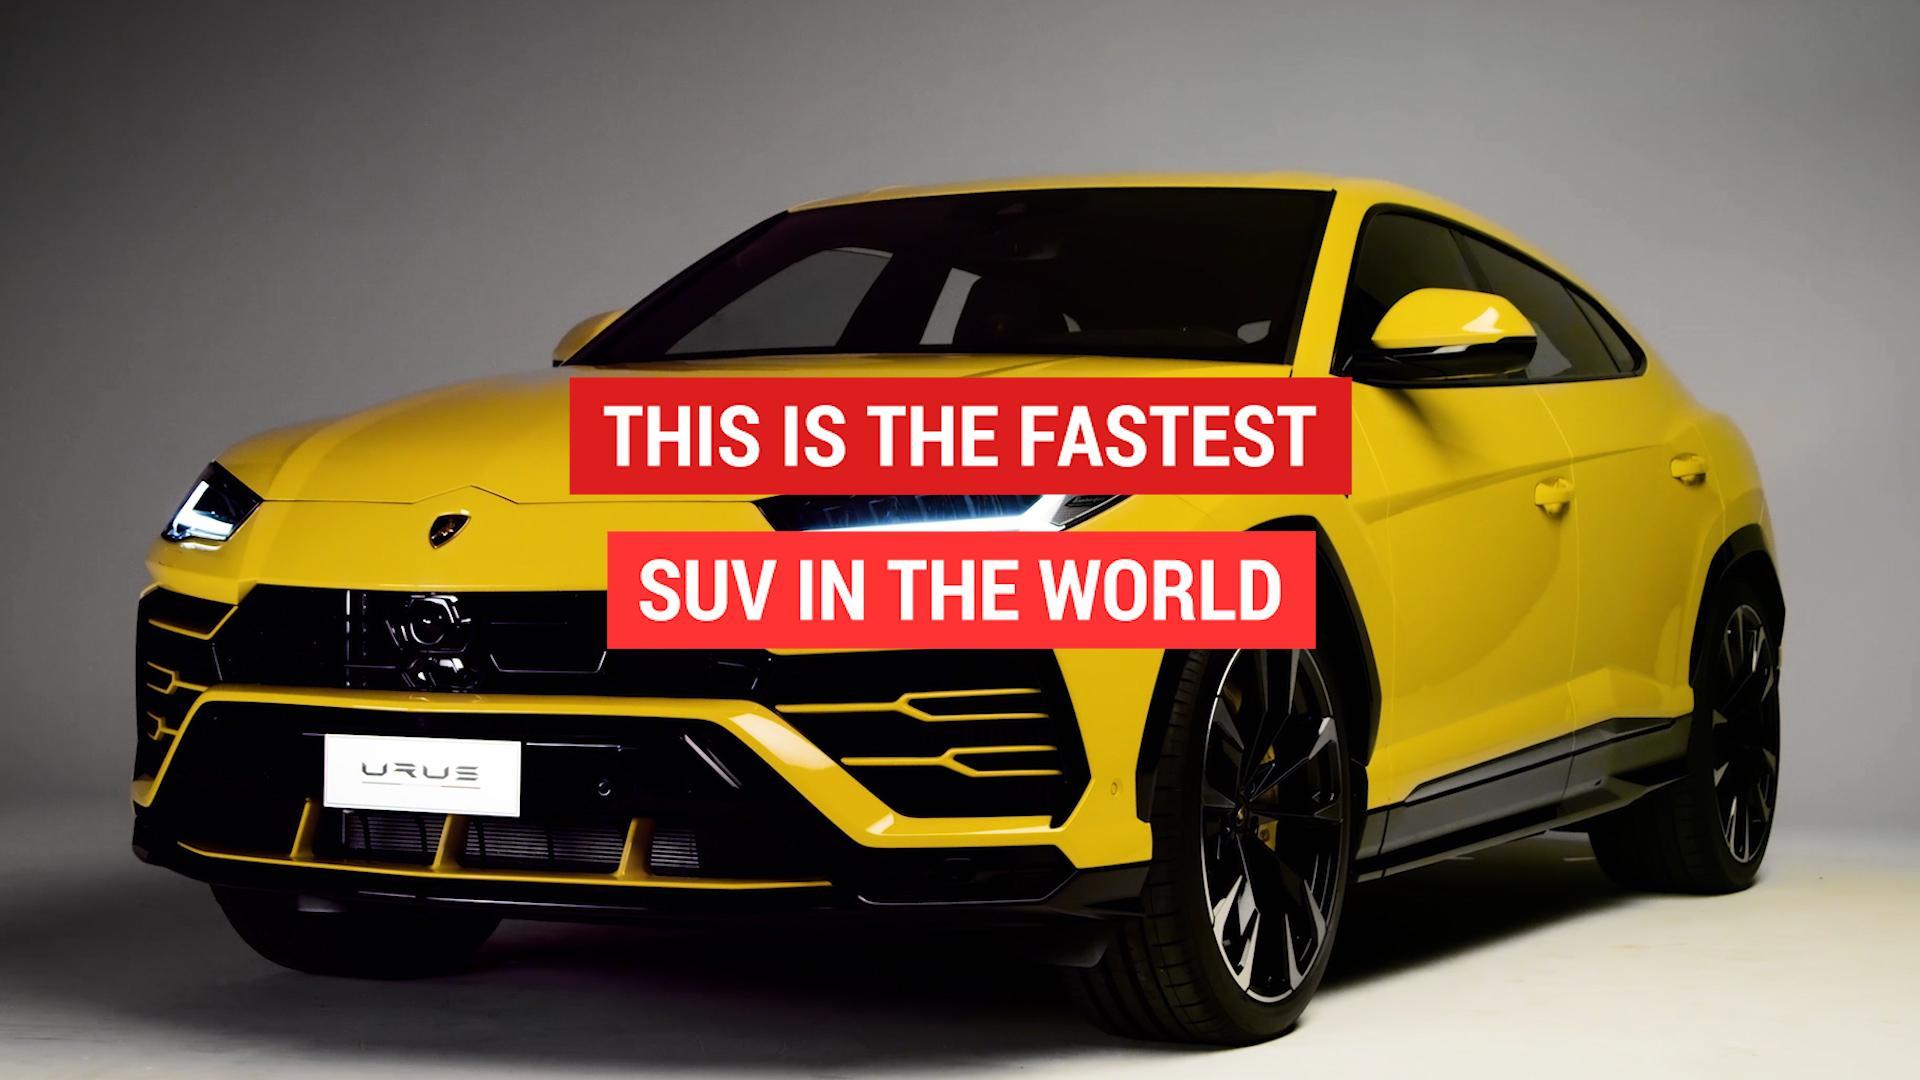 New Lamborghini Urus is the fastest SUV ever